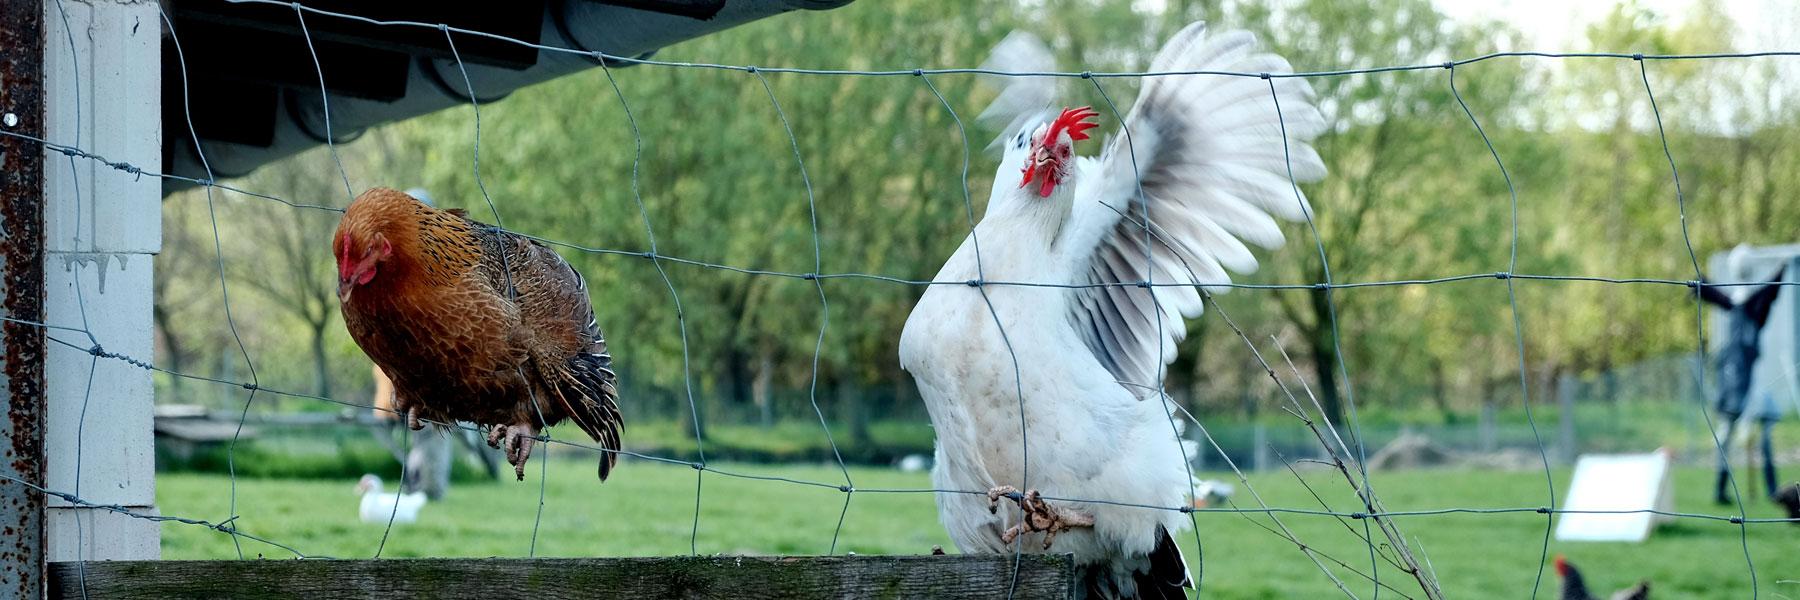 Hühner - Sabines Bauernhof